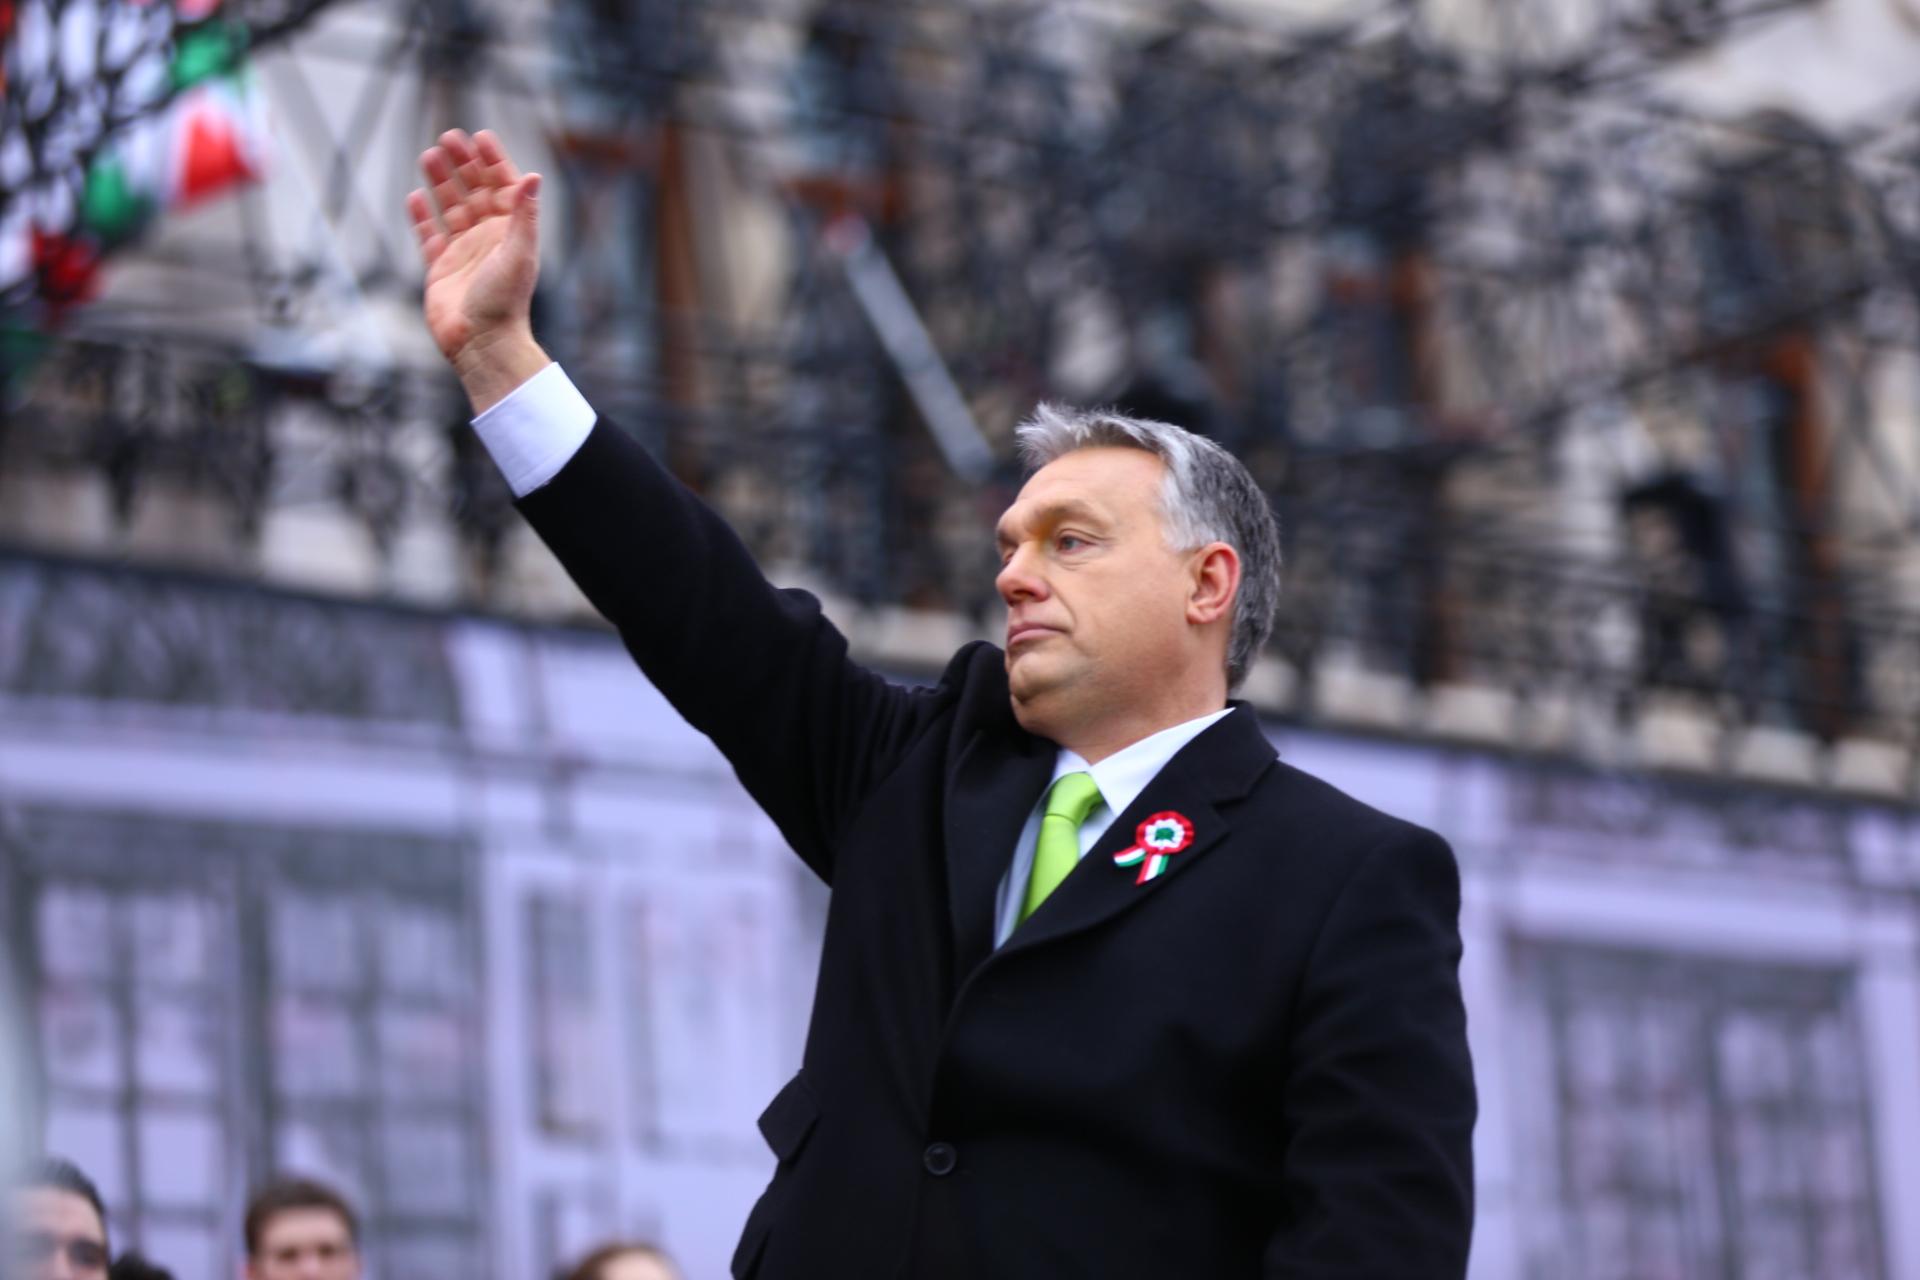 Török Gábor szerint Orbán Viktor komoly politikai hibát követett el a fenyegetőzéssel